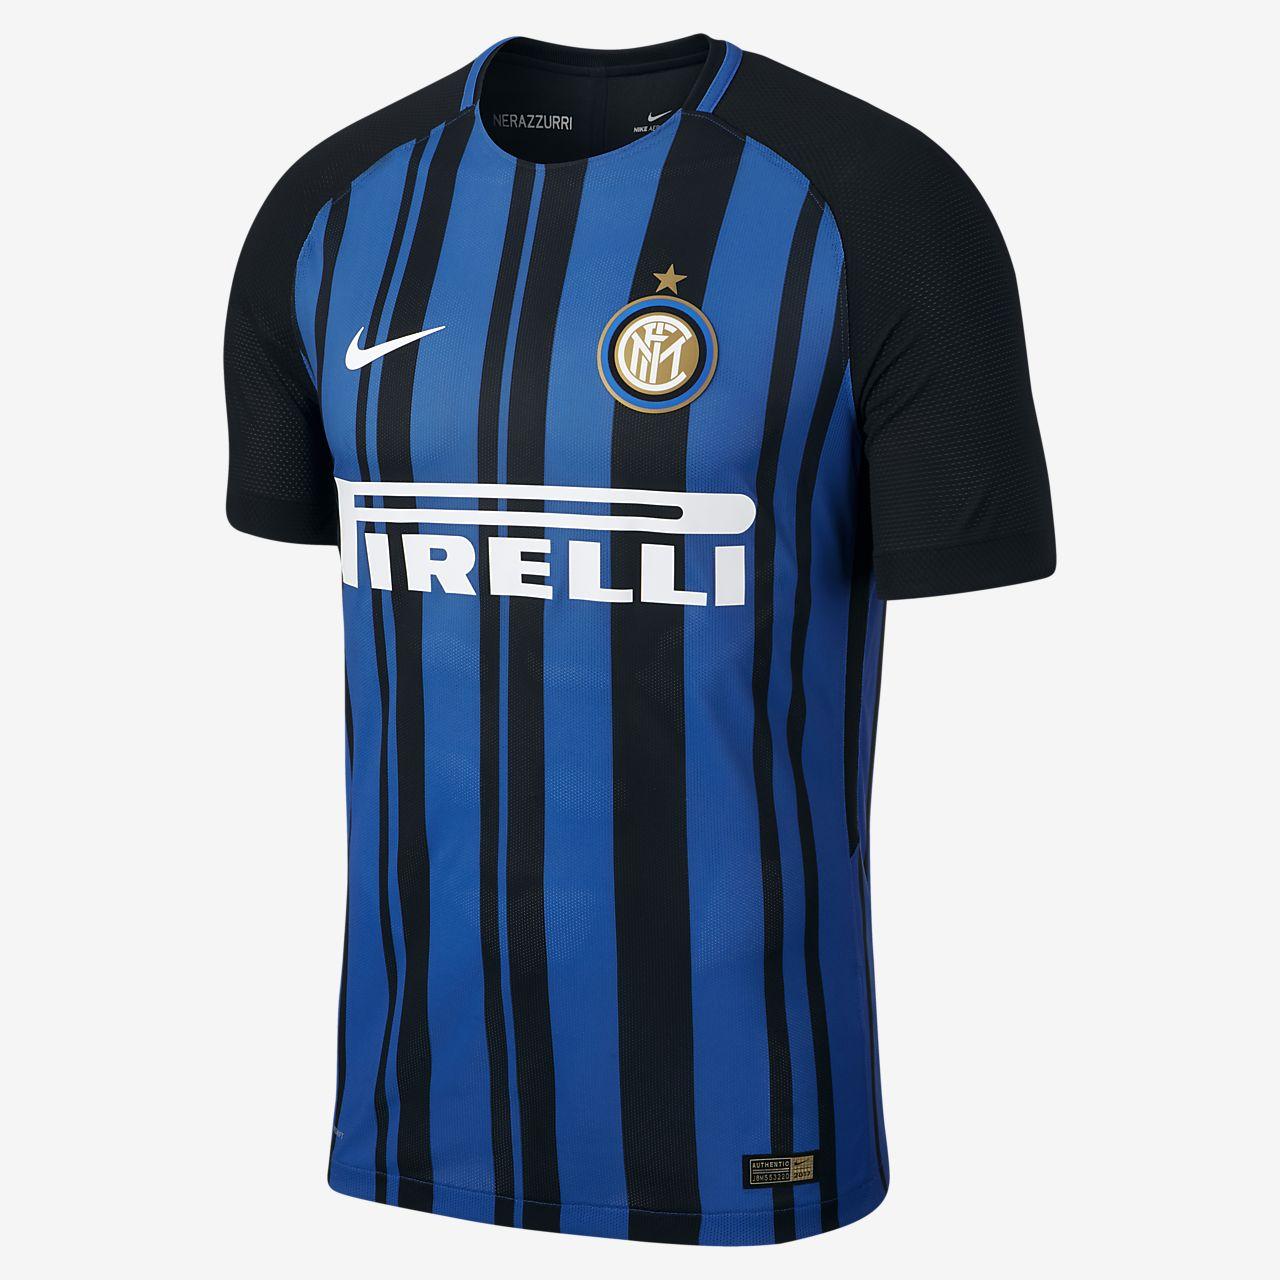 Camiseta de fútbol para hombre Inter Milan Vapor de local para jugadores, temporada 2017/18